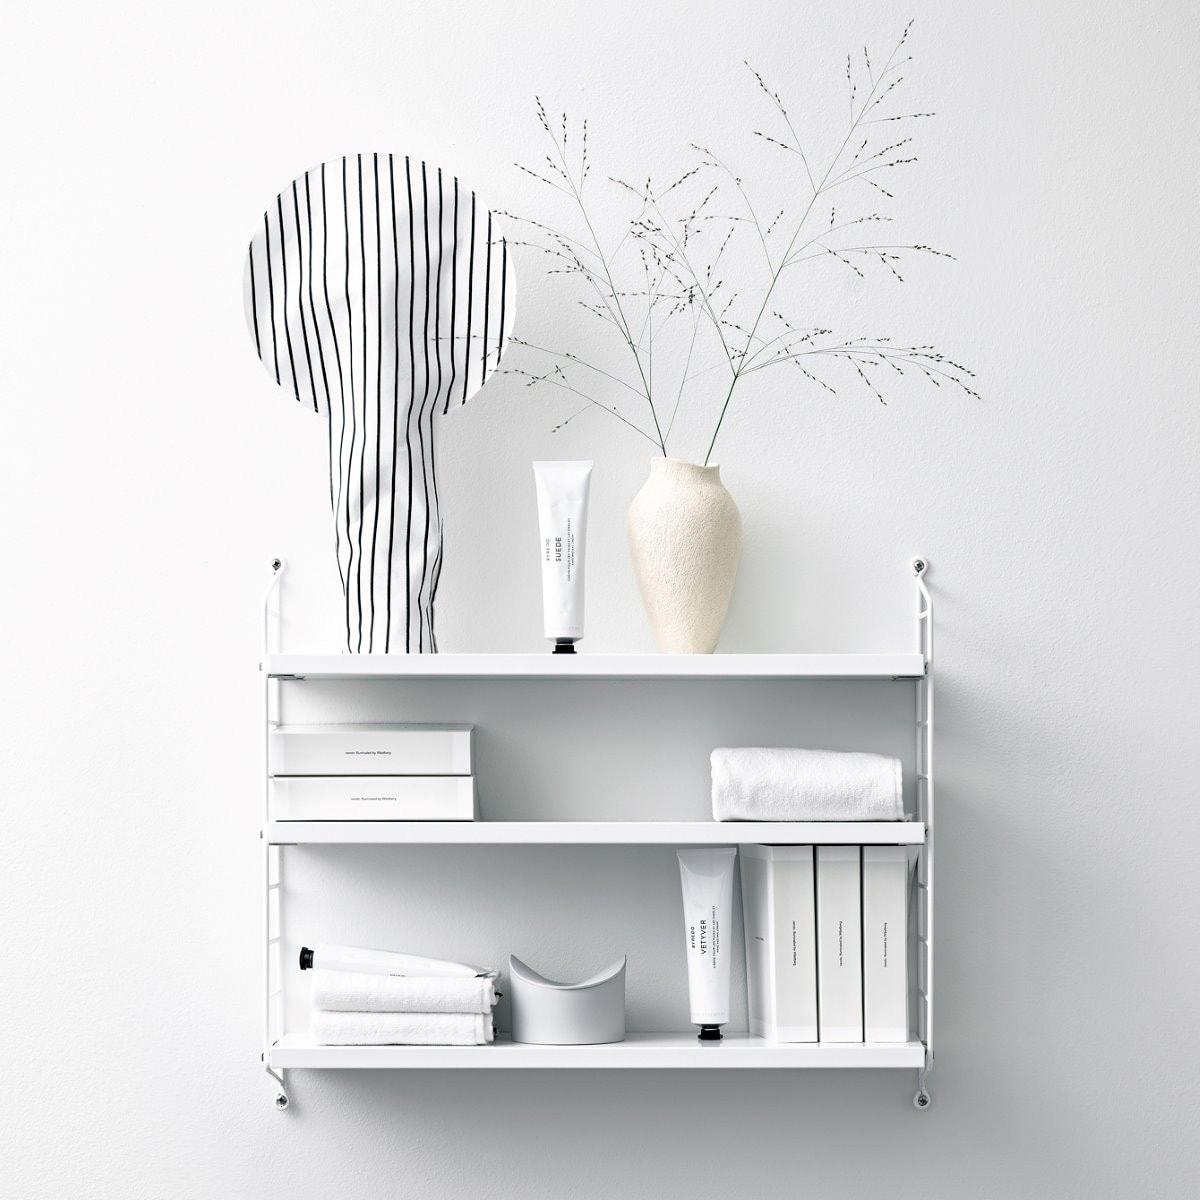 La casa bien organizada con artículos para almacenaje pequeño